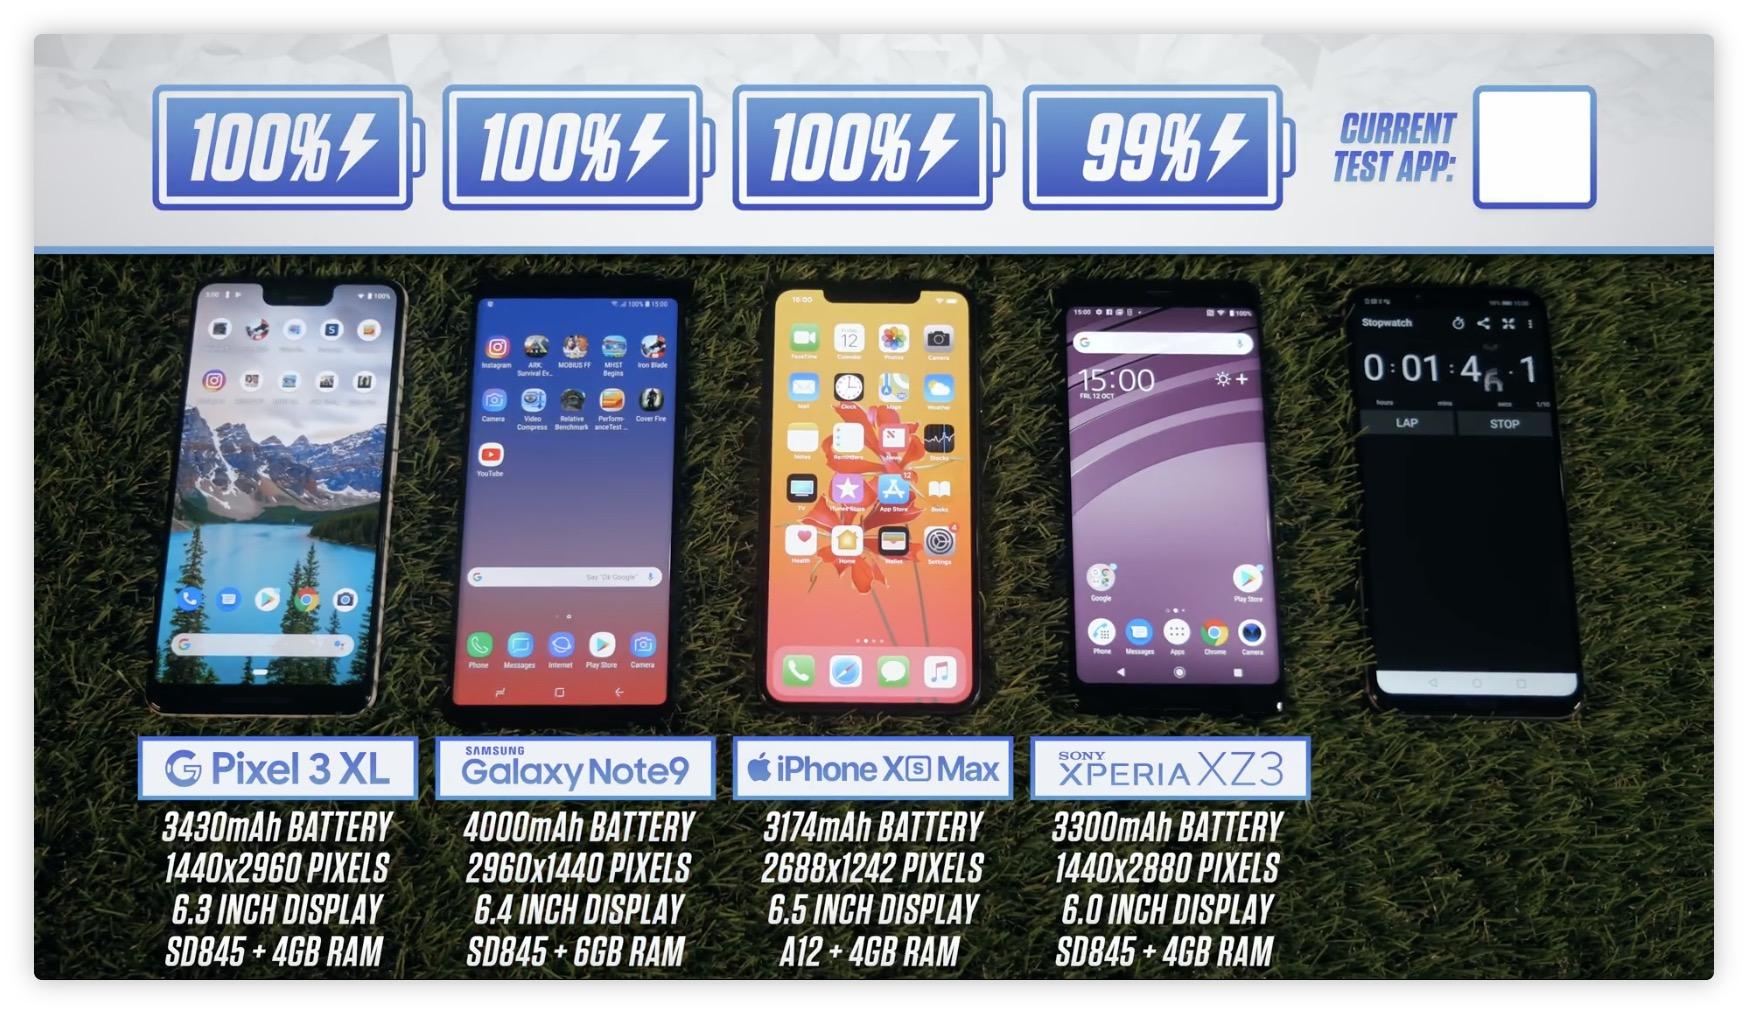 Comparatif : l'autonomie de l'iPhone XS Max face au Galaxy Note 9 de nouveau testée après la claque originale 1